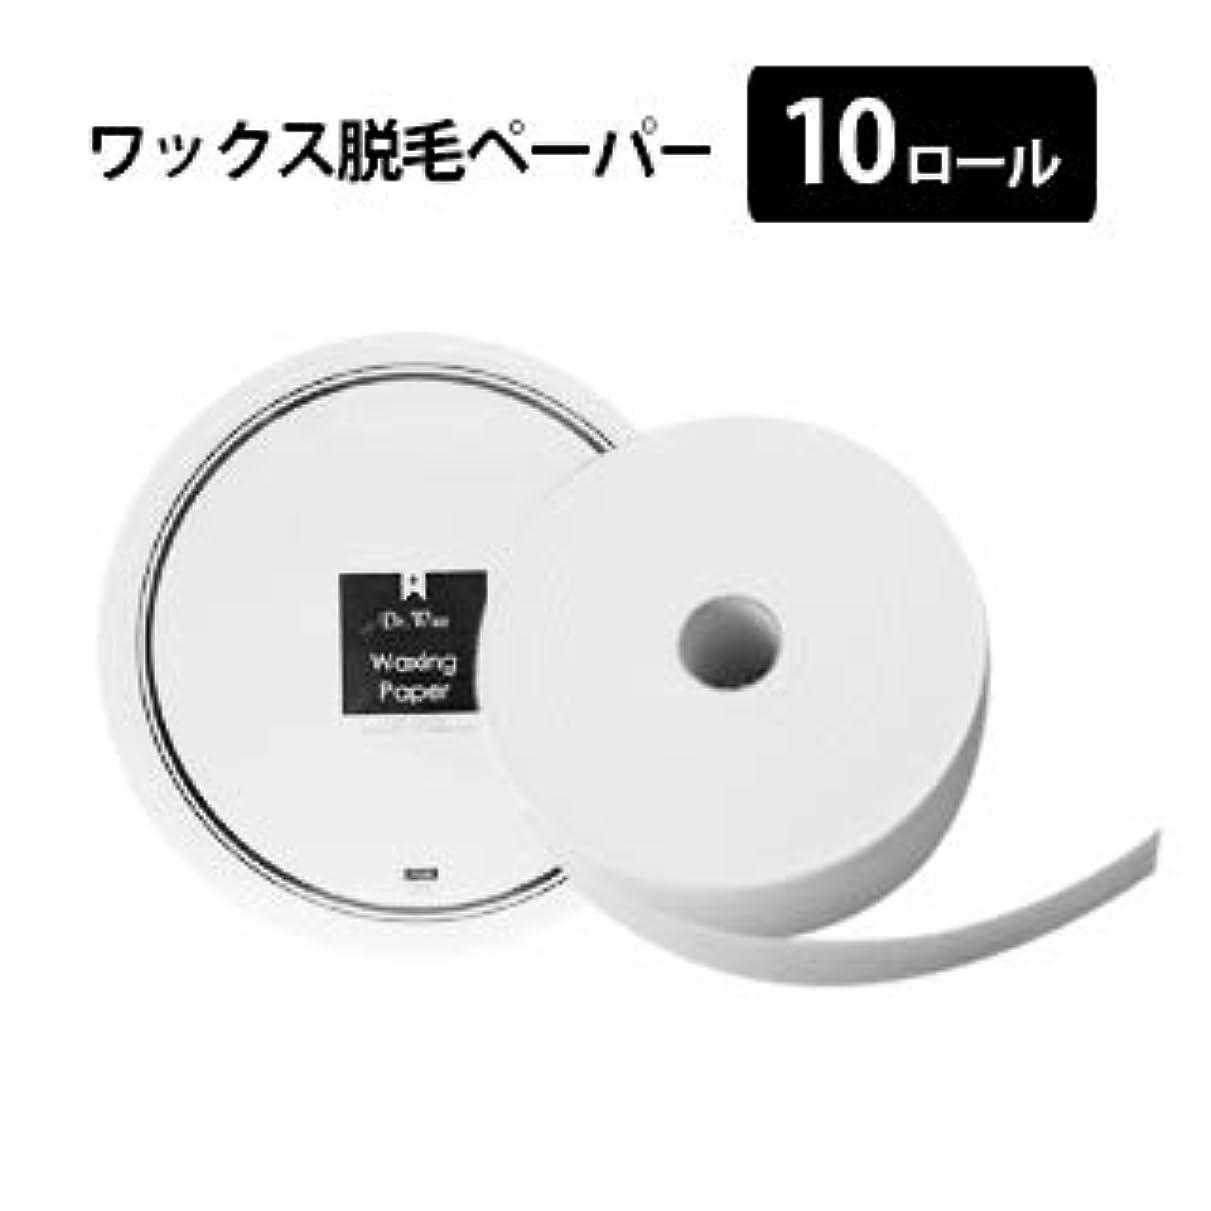 地球前部ウルル【10ロール】ワックスロールペーパー 7cm スパンレース素材